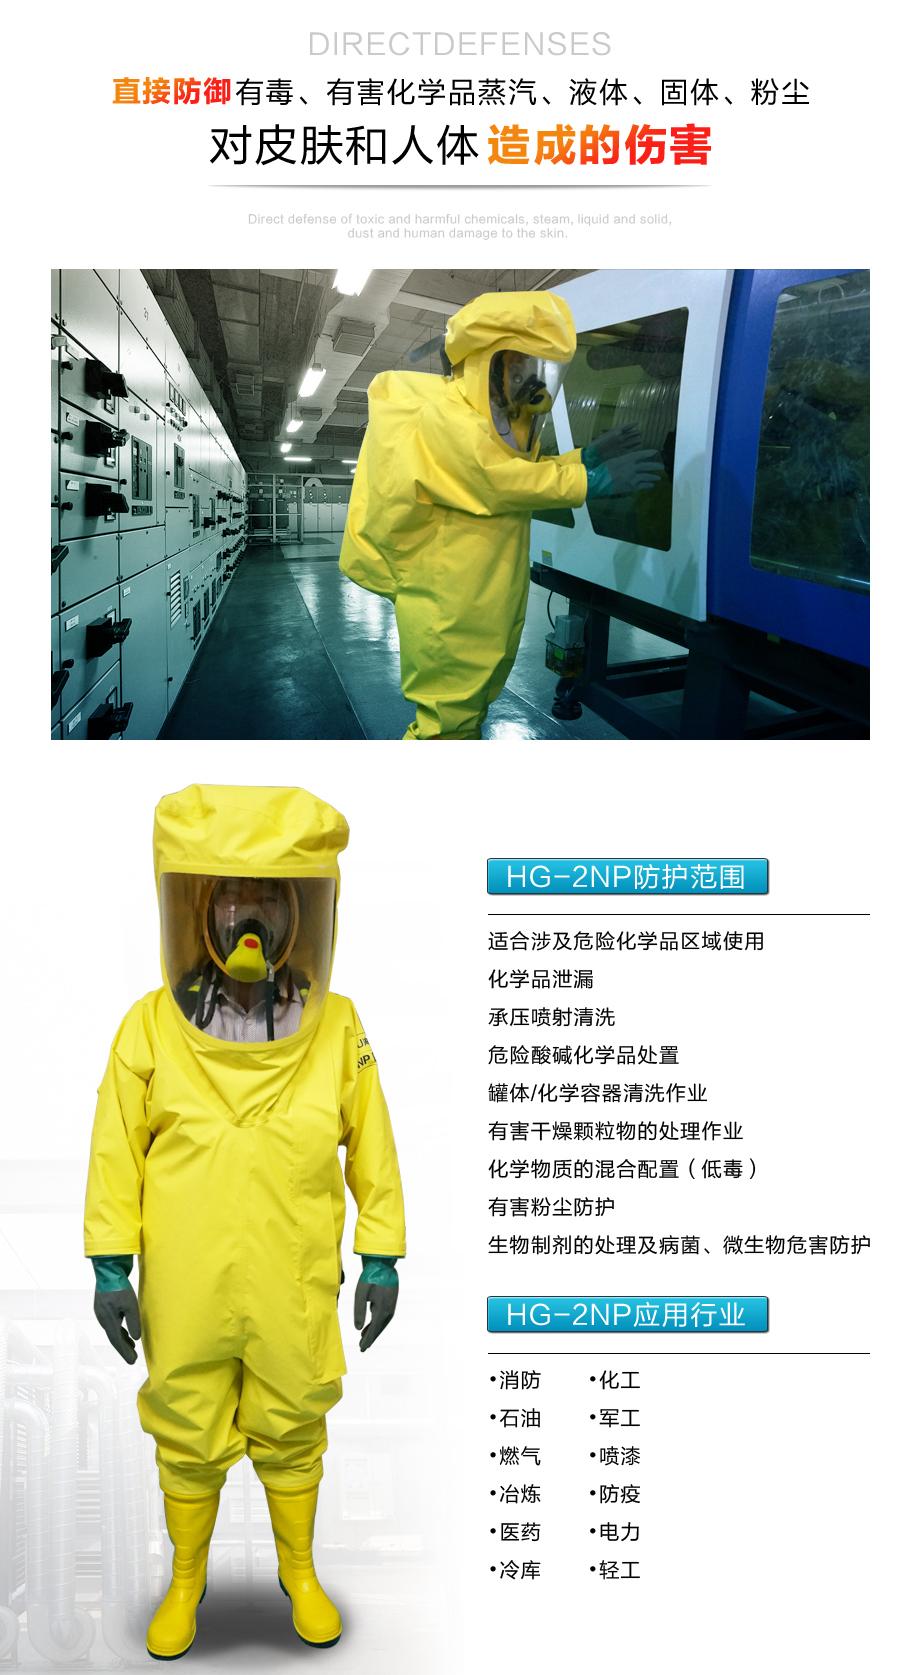 海固2np防化服使用环境包括化学品处理、喷漆等多种